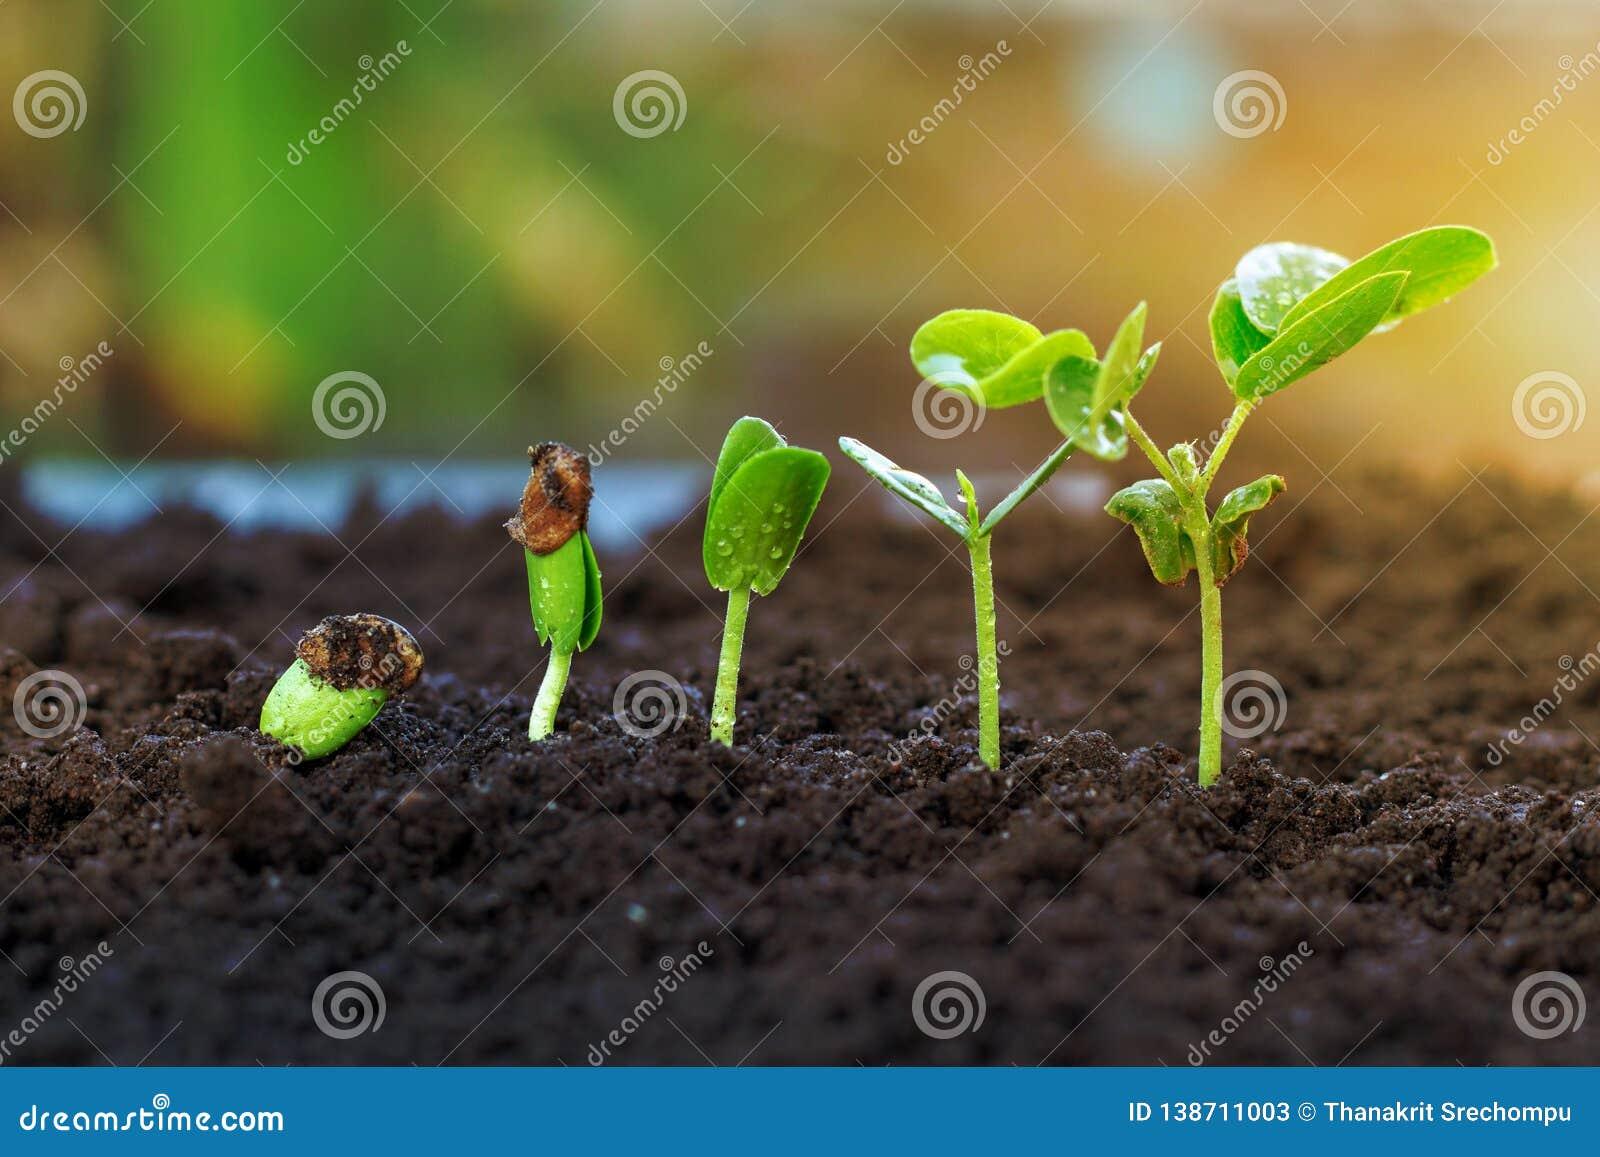 Sapling growing